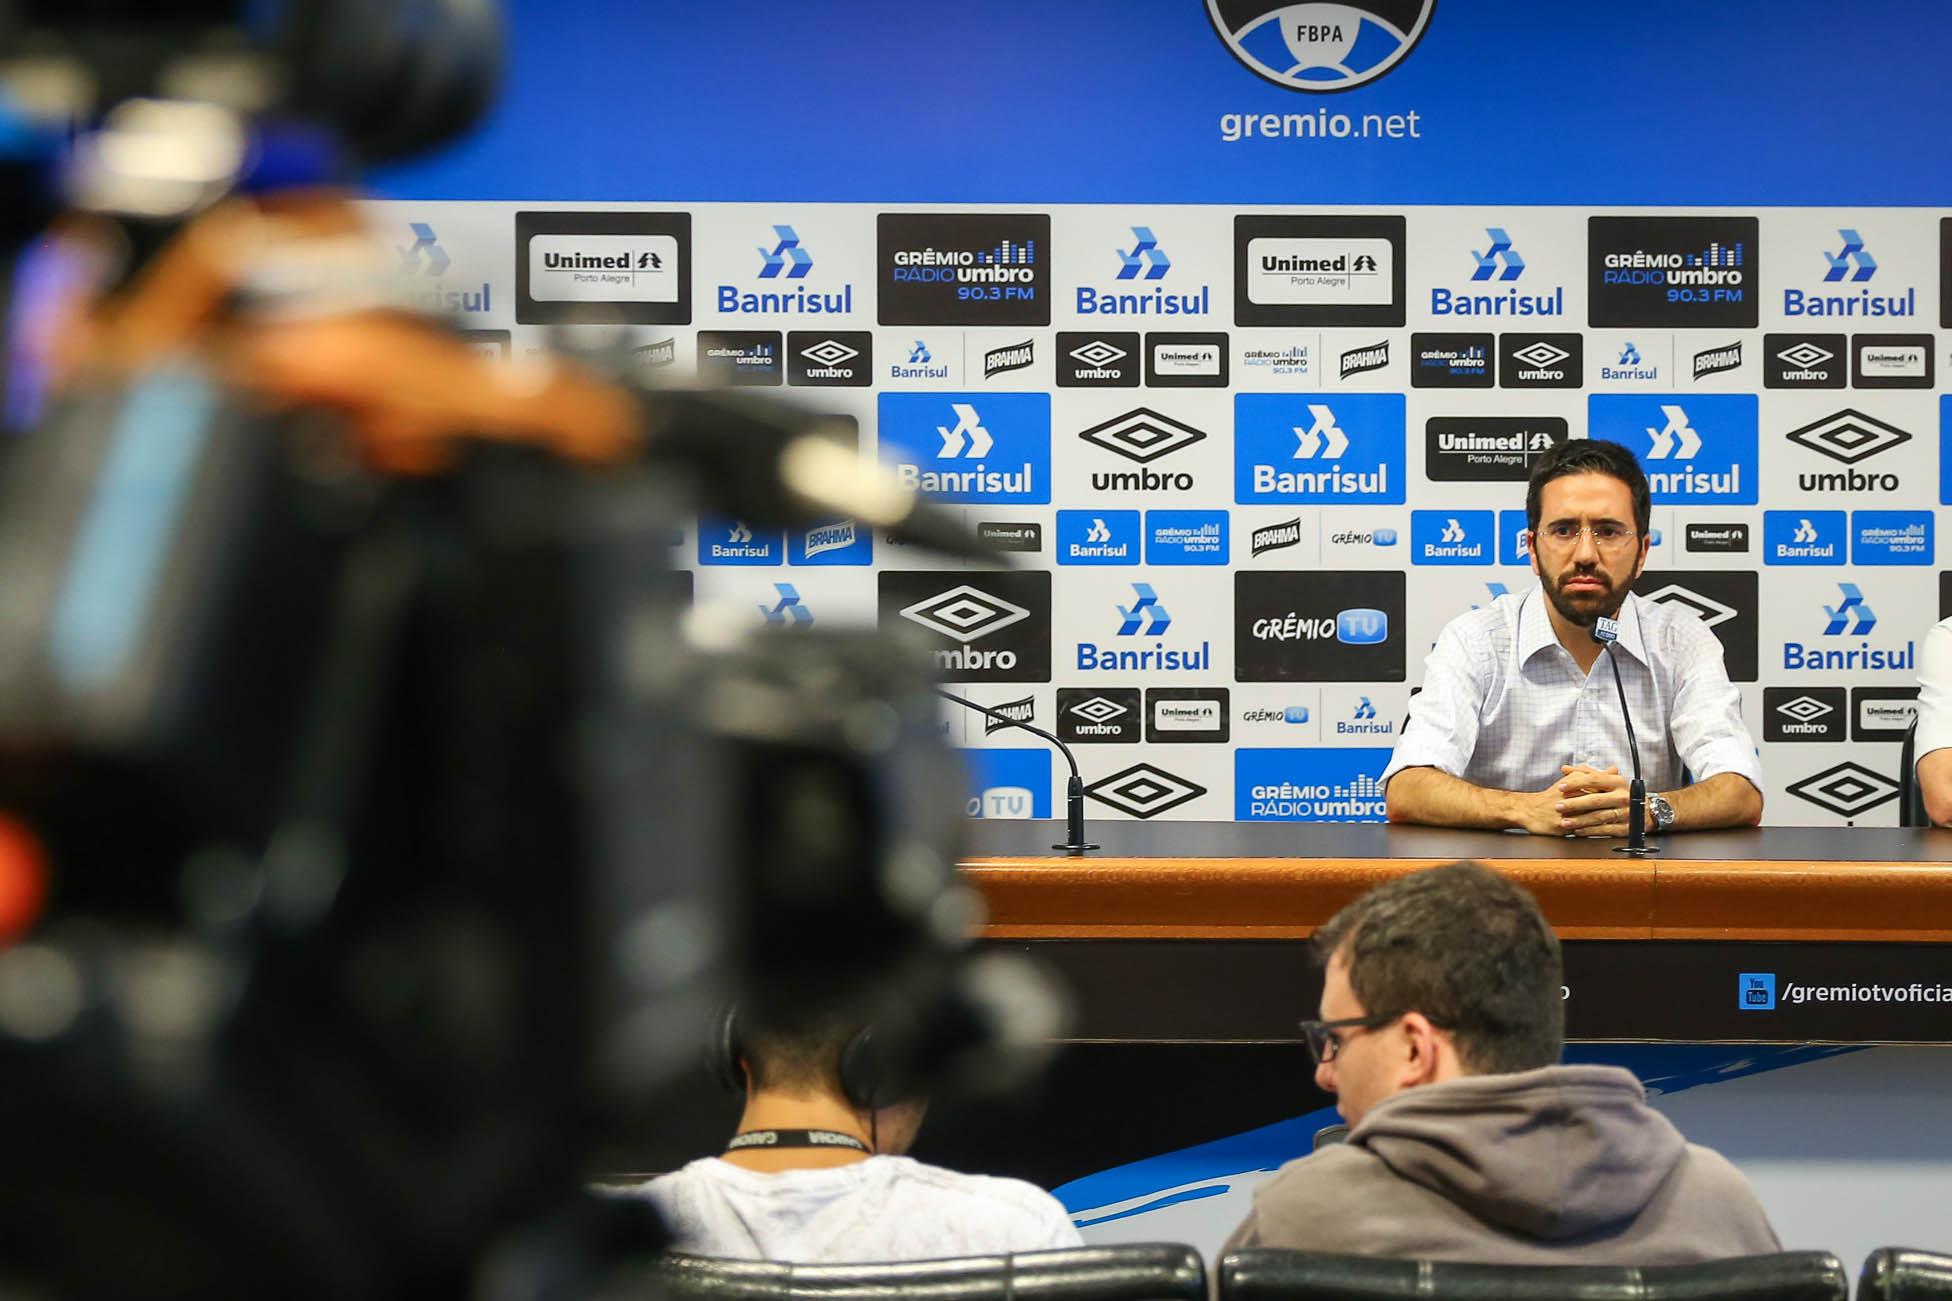 Grêmio oficializa desligamento do gerente-executivo André Zanotta 0b8a672cb87fa